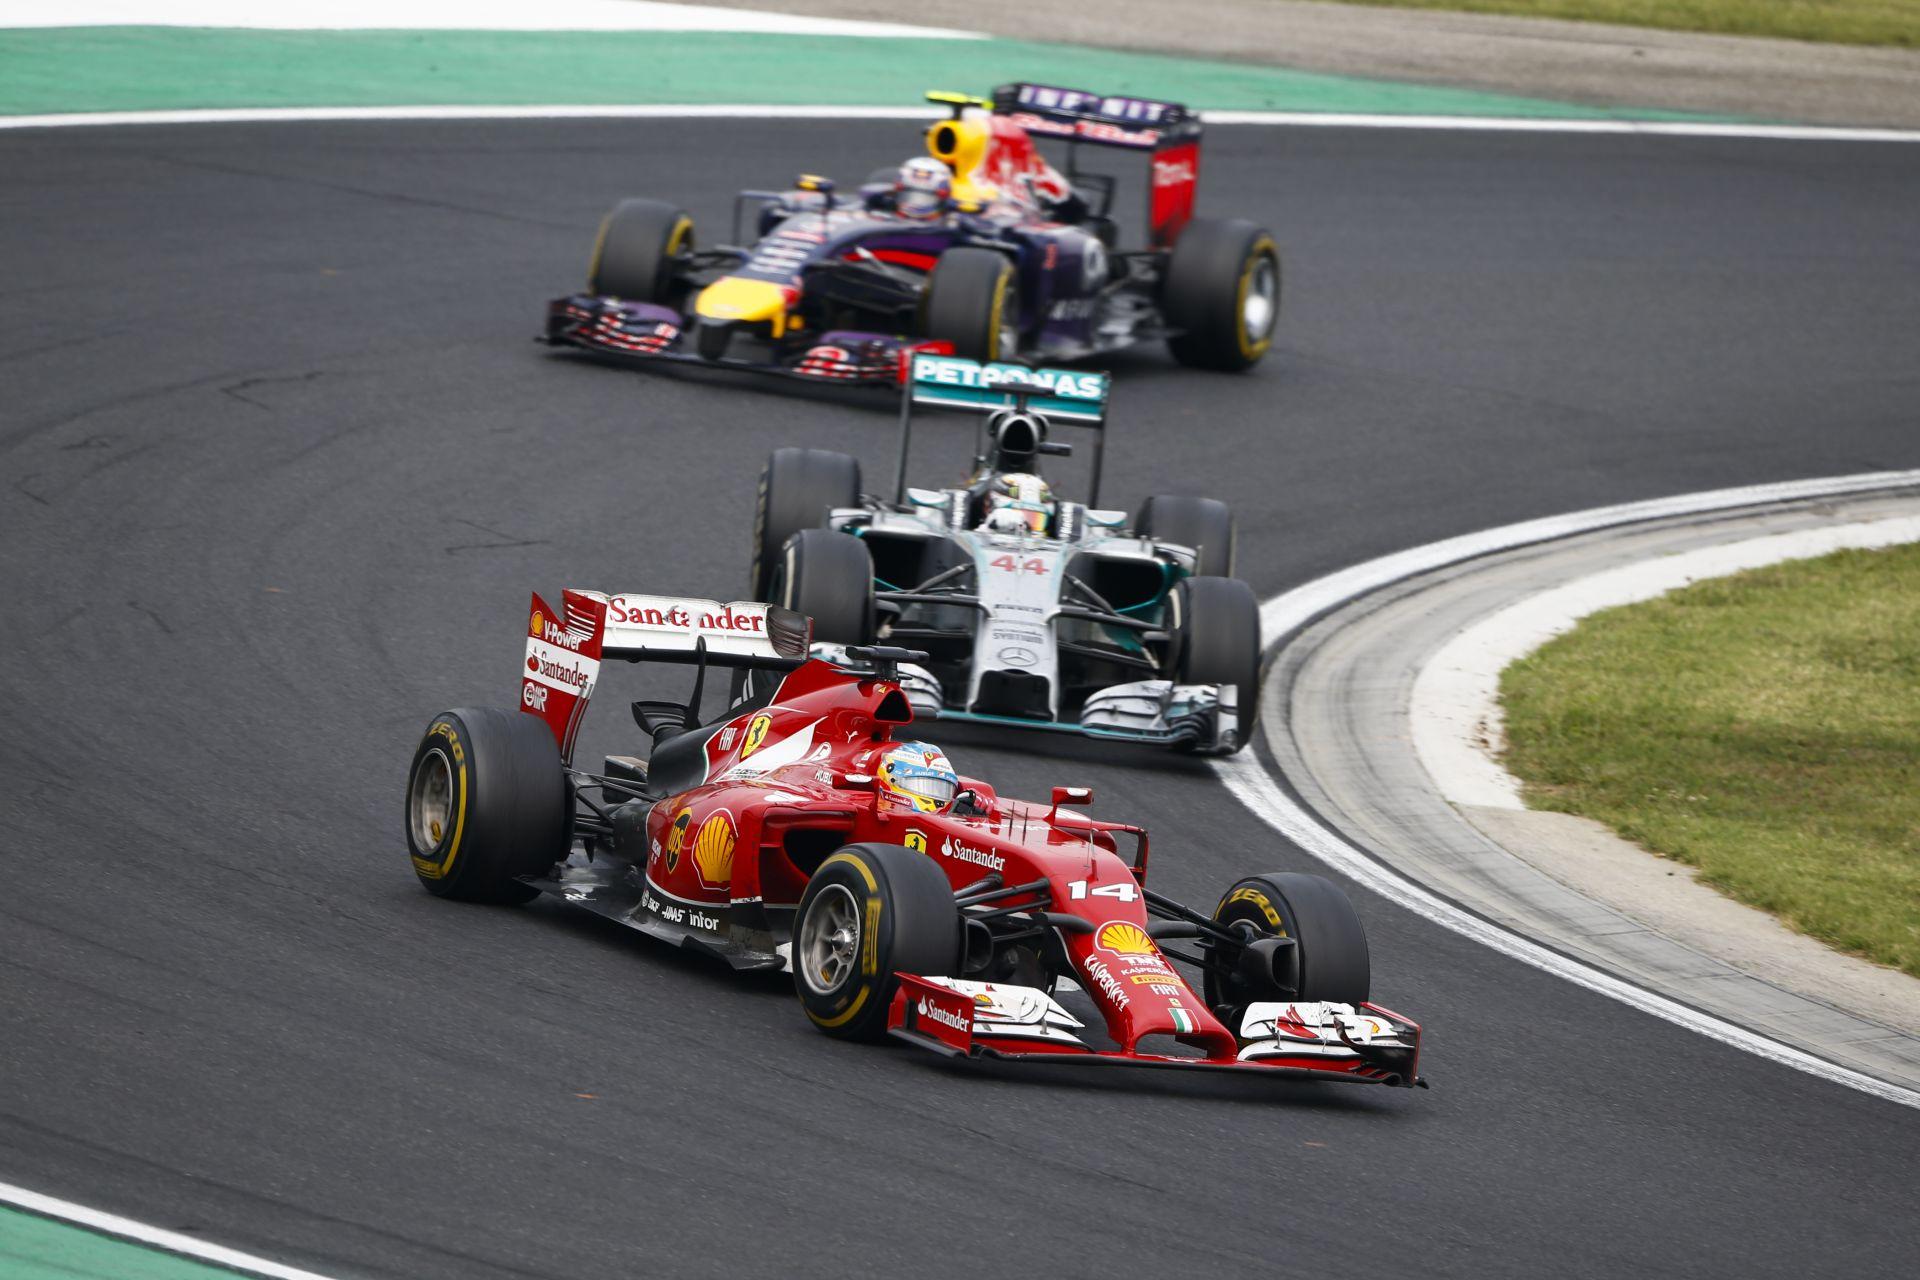 A Mercedes nem aggódik a Ferrari miatt, de örülne, ha közelebb kerülnének az olaszok